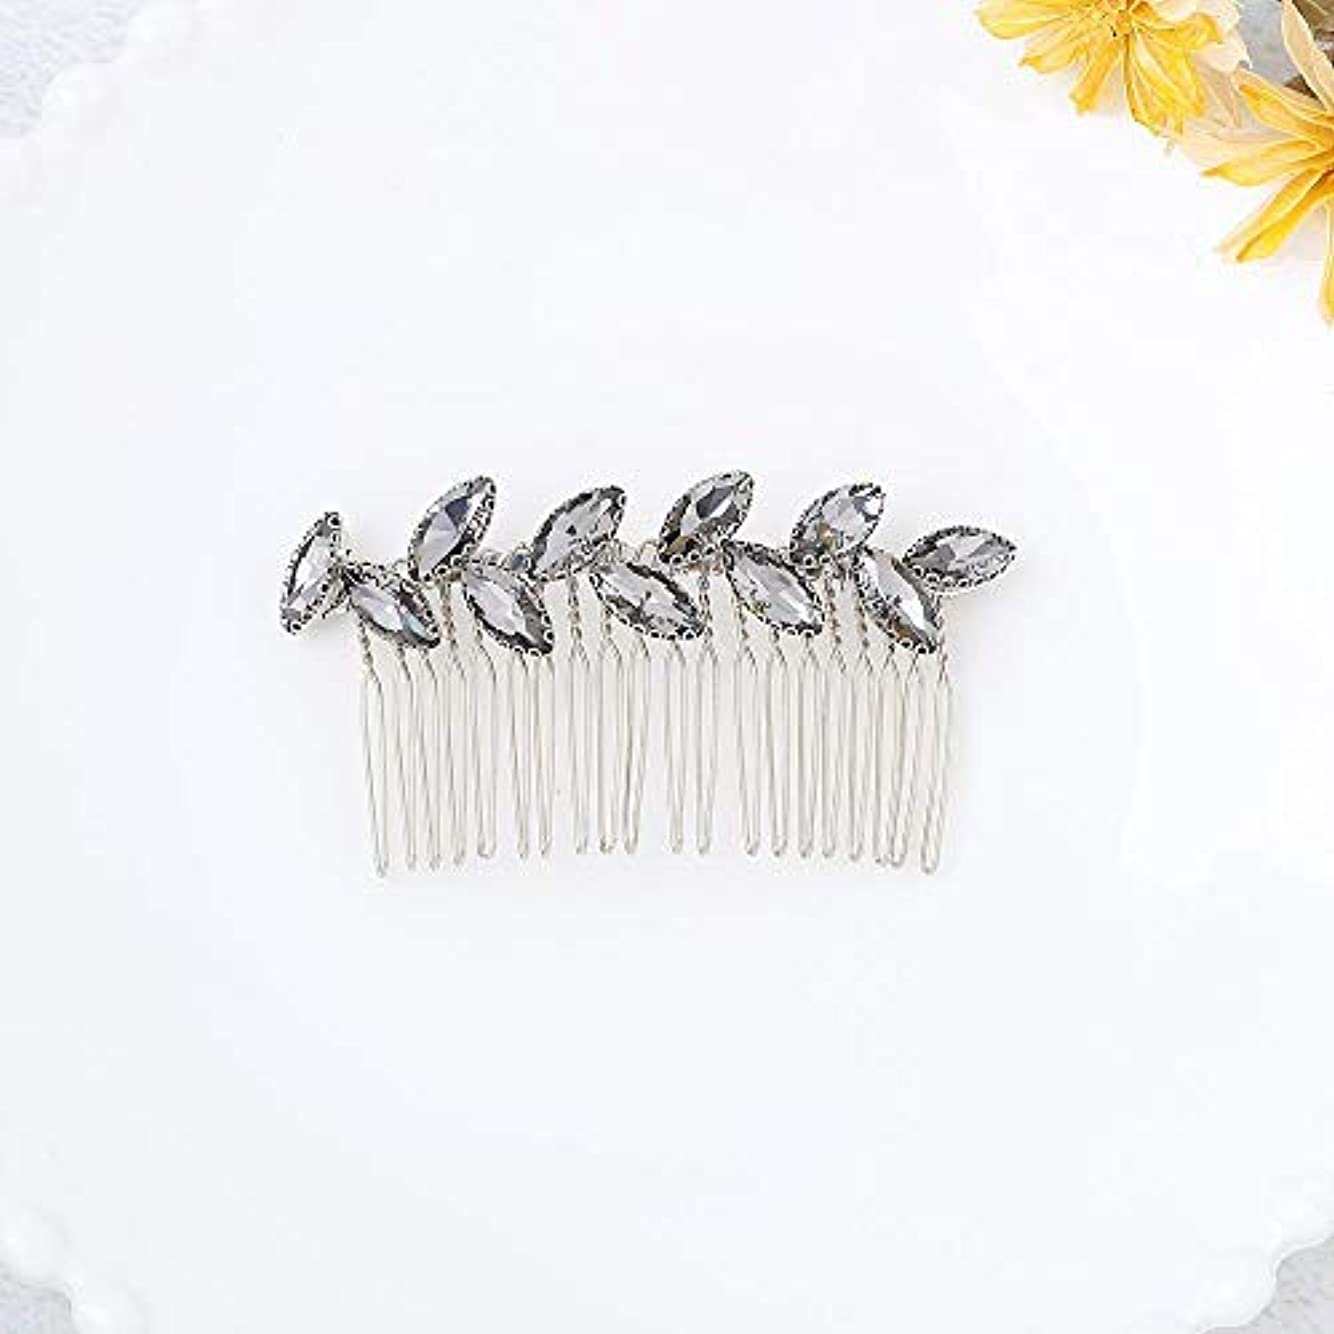 落花生羊規則性Jovono Bride Wedding Hair Comb Bridal Headpieces with Rhinestone for Women and Girls (Silver) [並行輸入品]